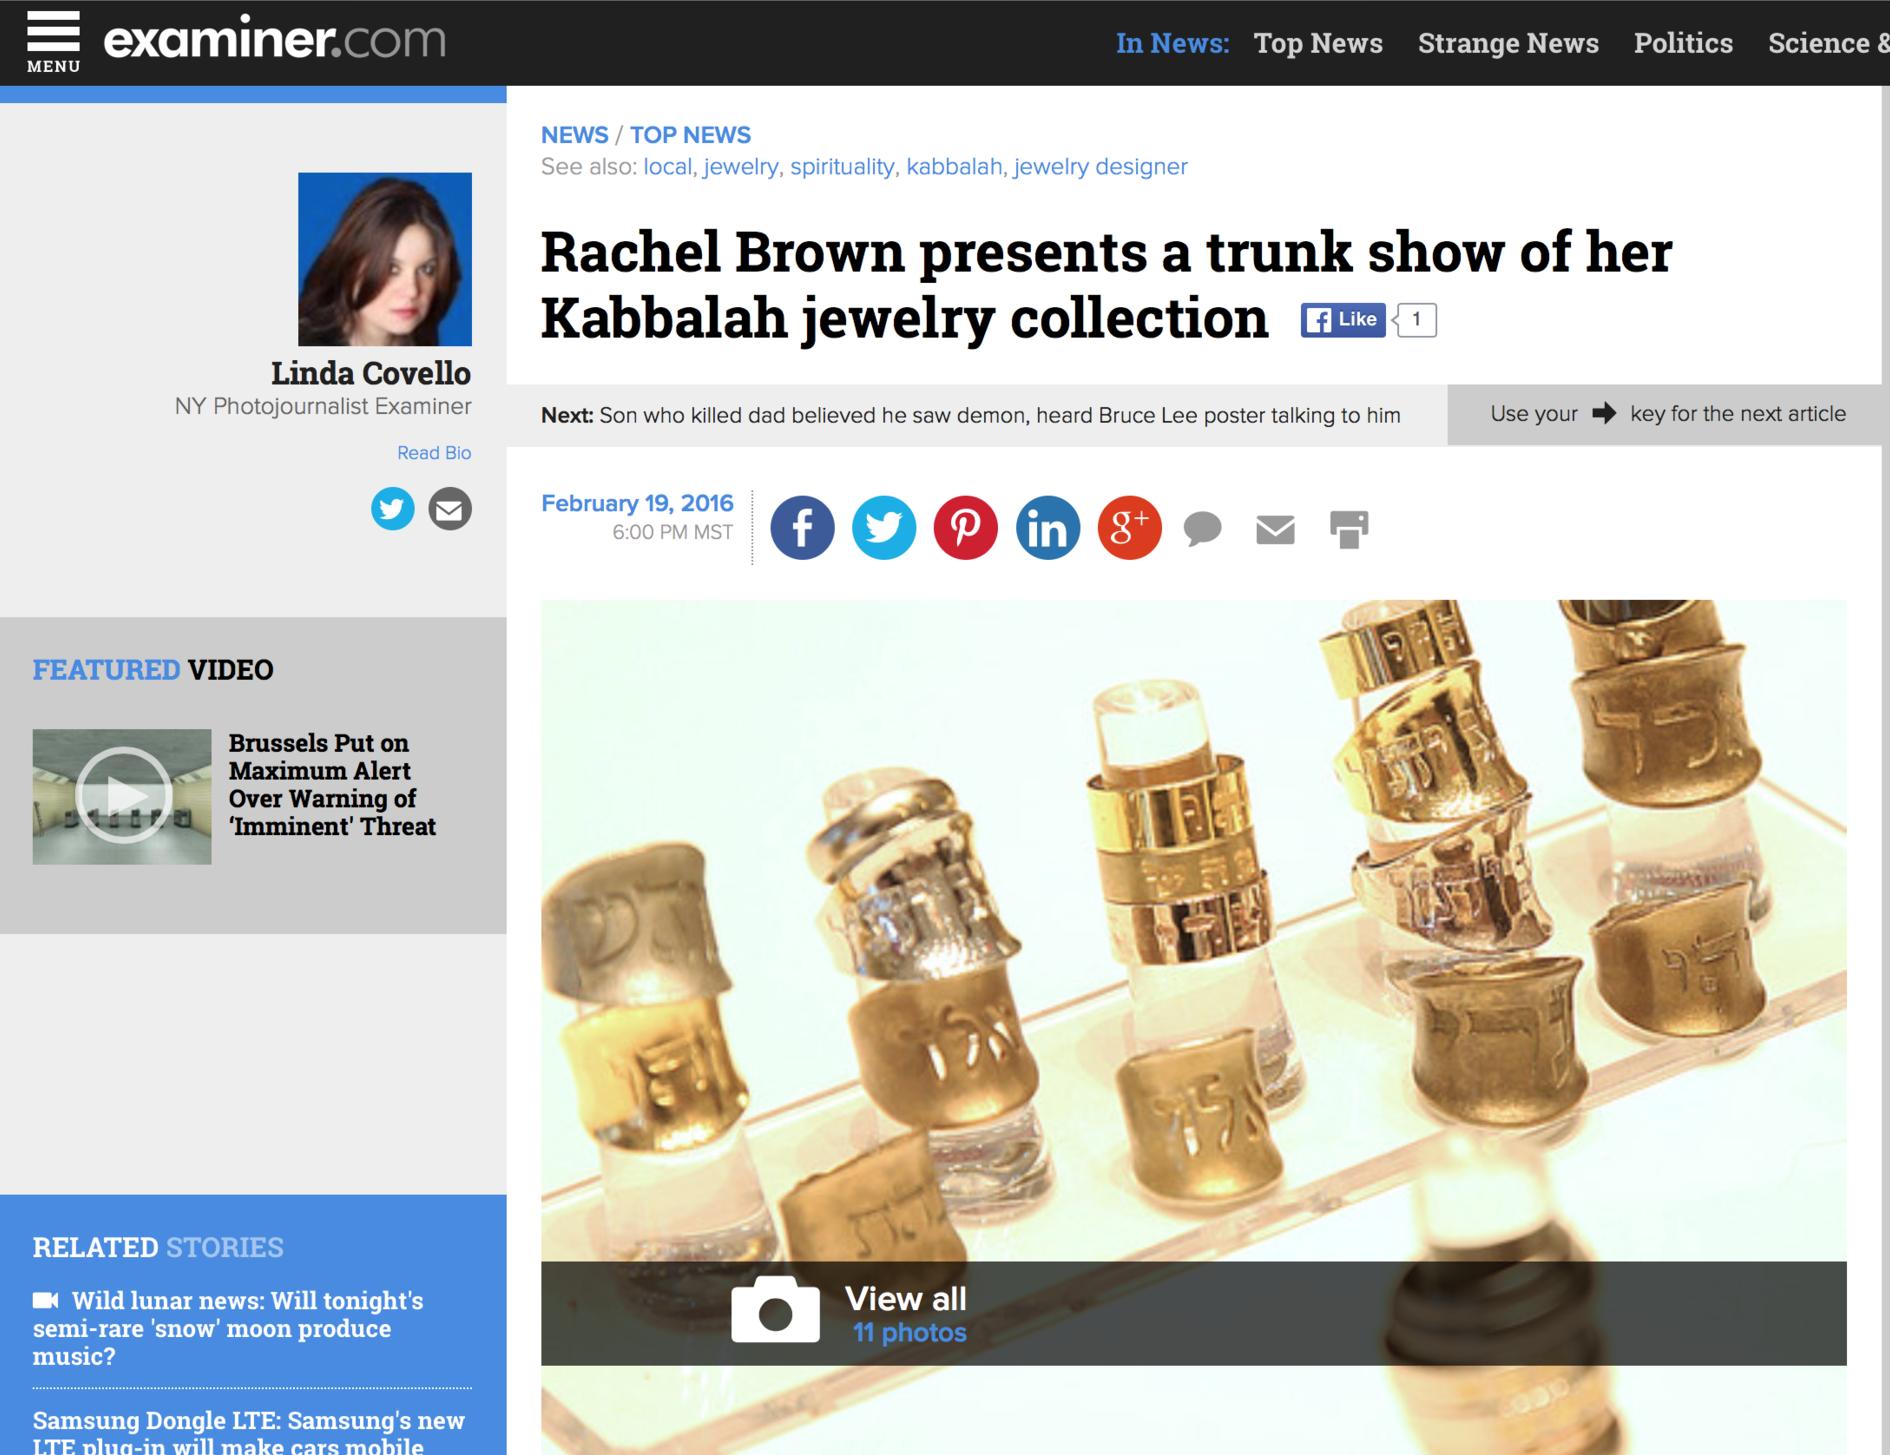 Examiner Article on Rachel Brown